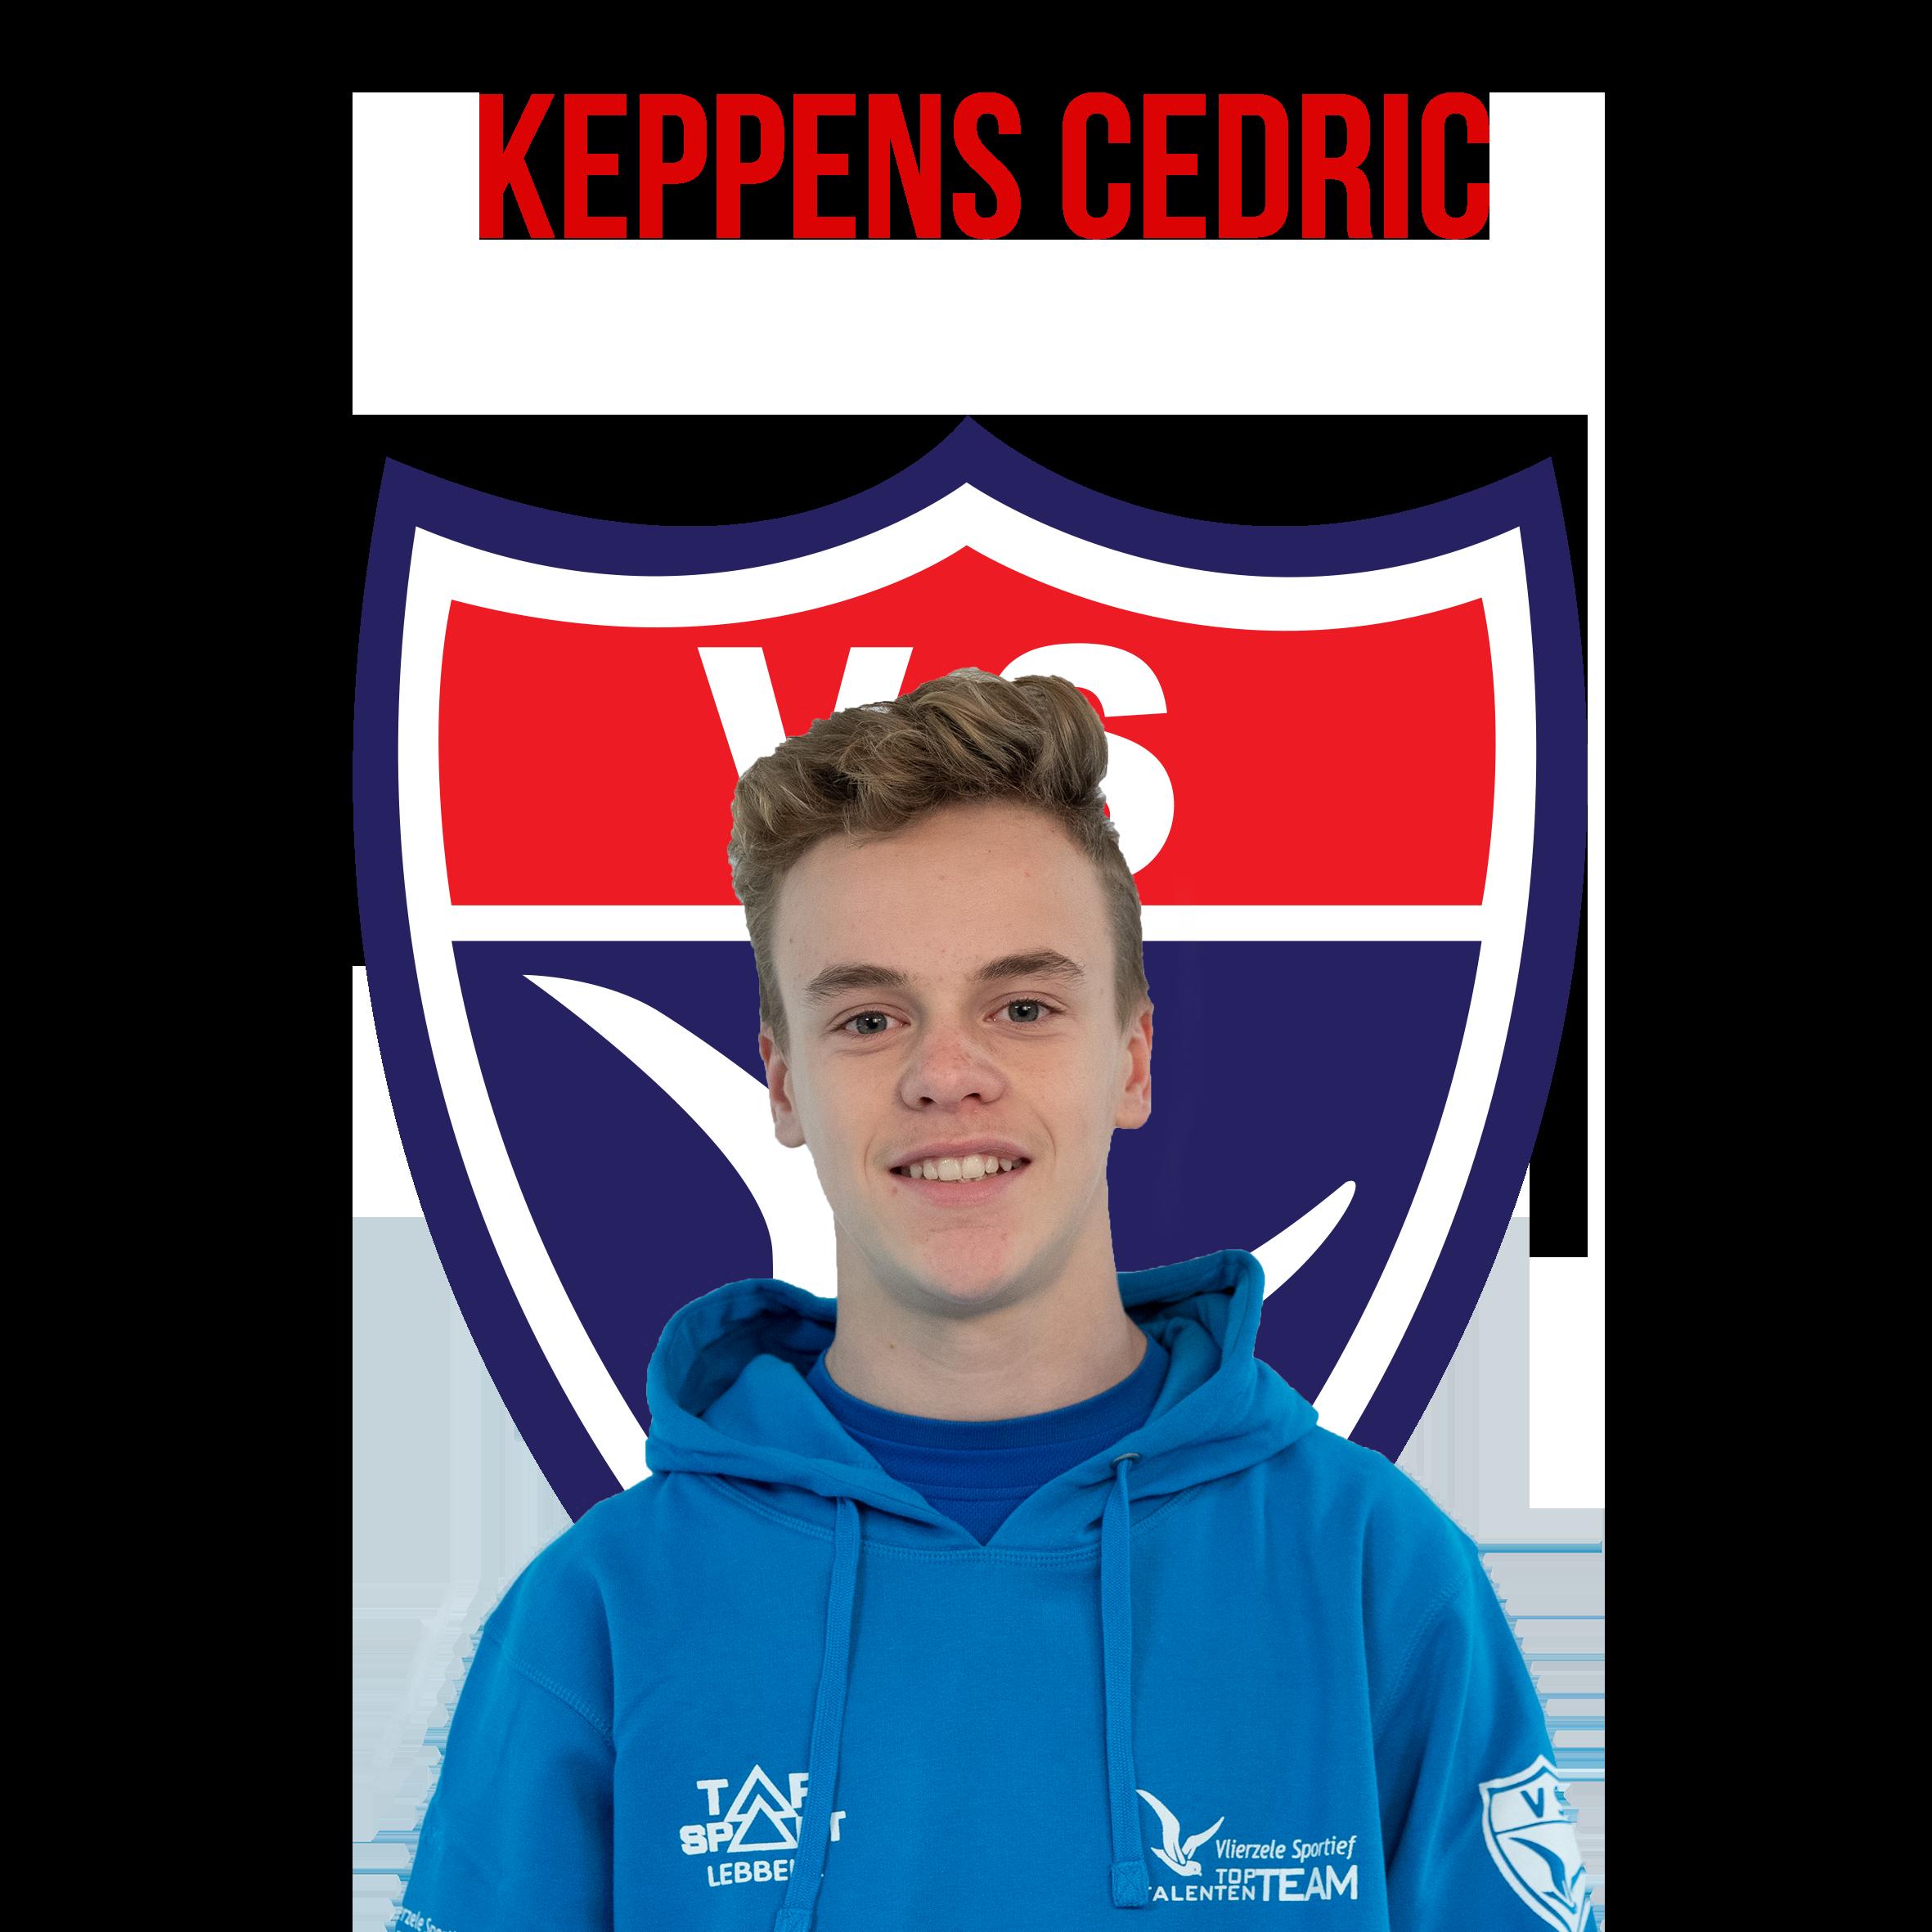 keppens_cedric